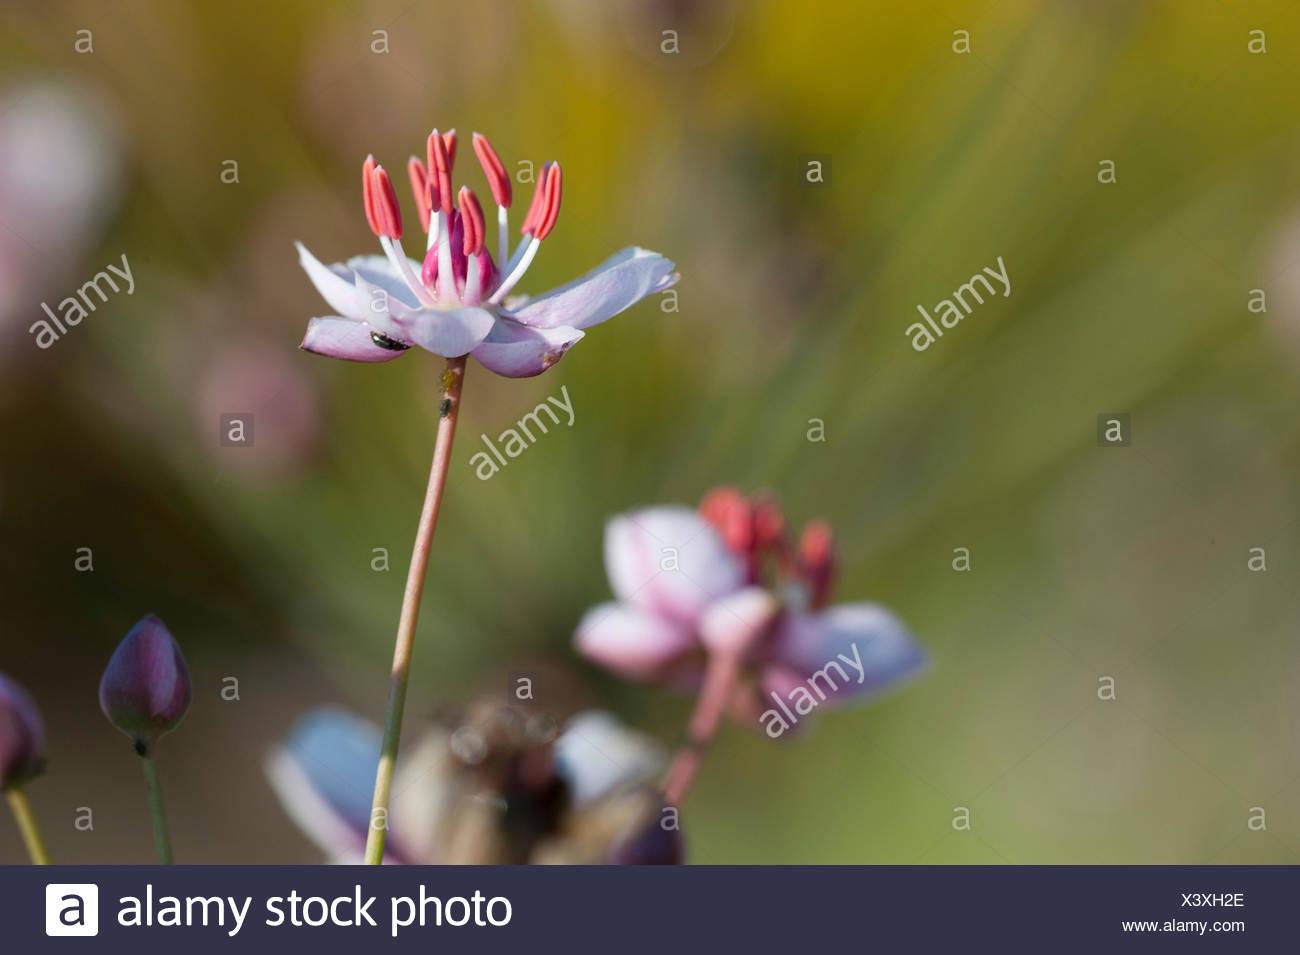 Schwanenblume, Schwanen-Blume, Wasserliesch, Blumenbinse, Doldige Schwanenblume, Wasserviole (Butomus umbellatus), Bluete, Deuts - Stock Image